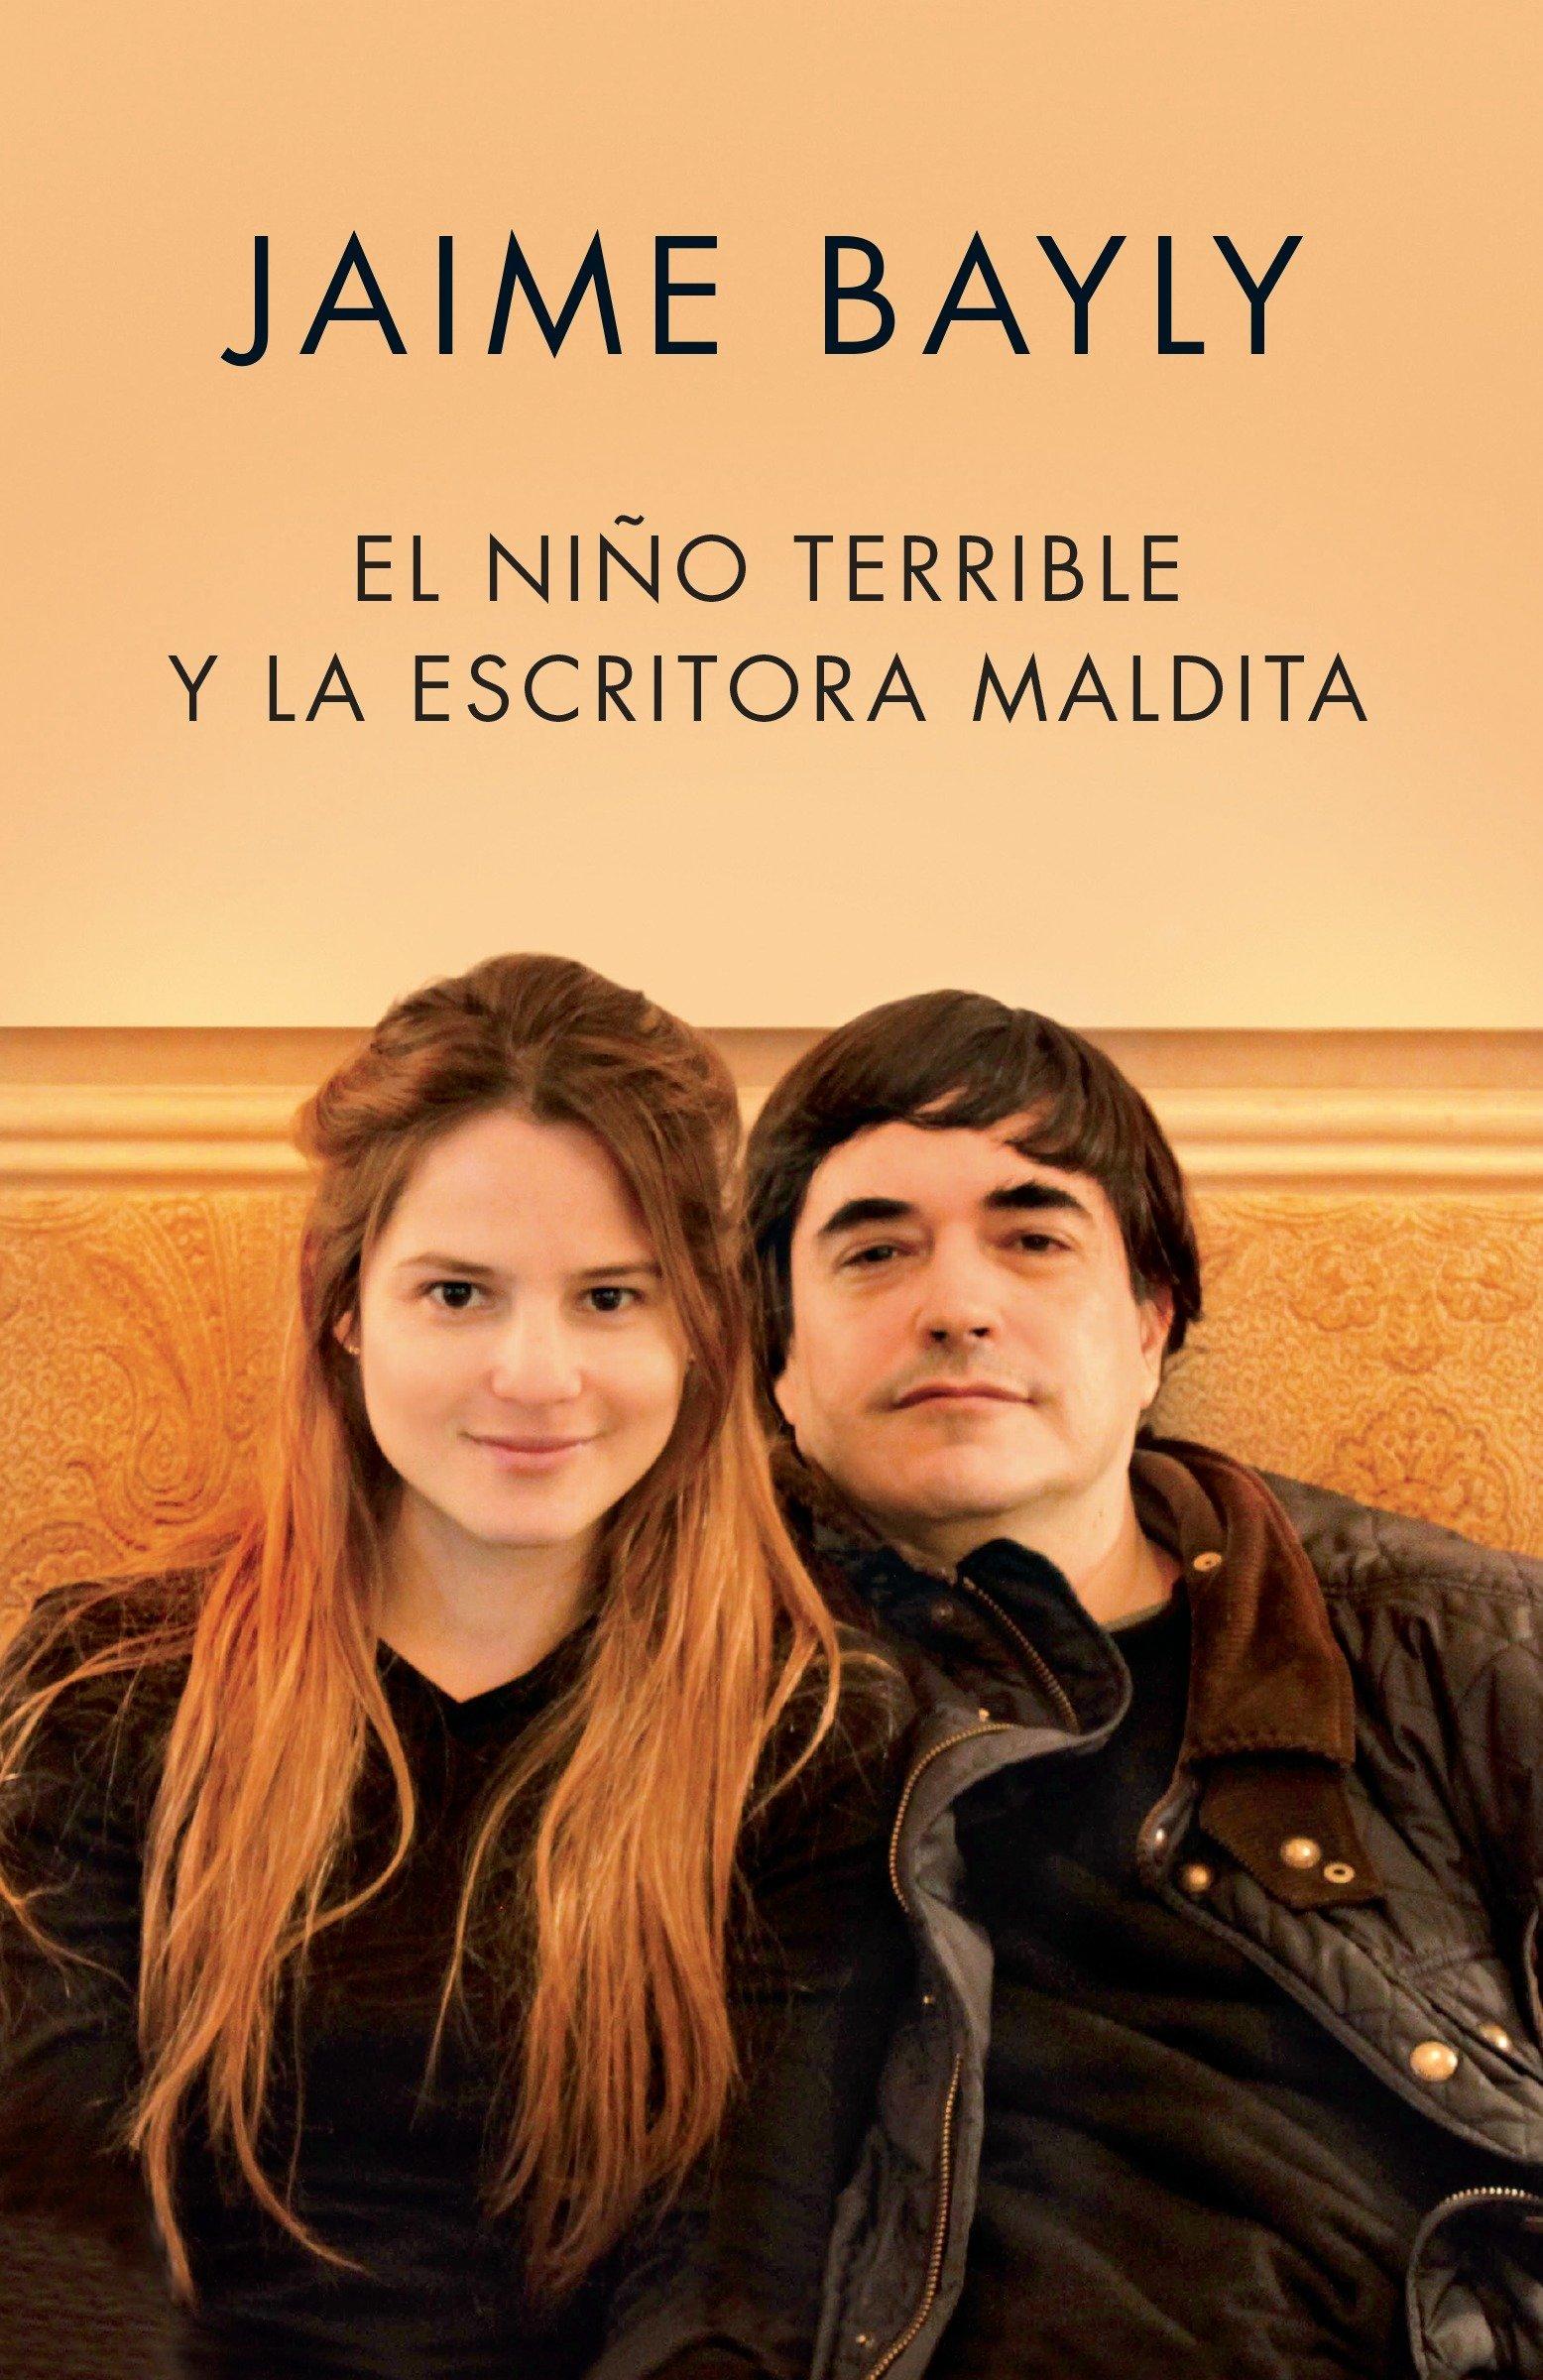 El niño terrible y la escritora maldita (Spanish Edition) pdf